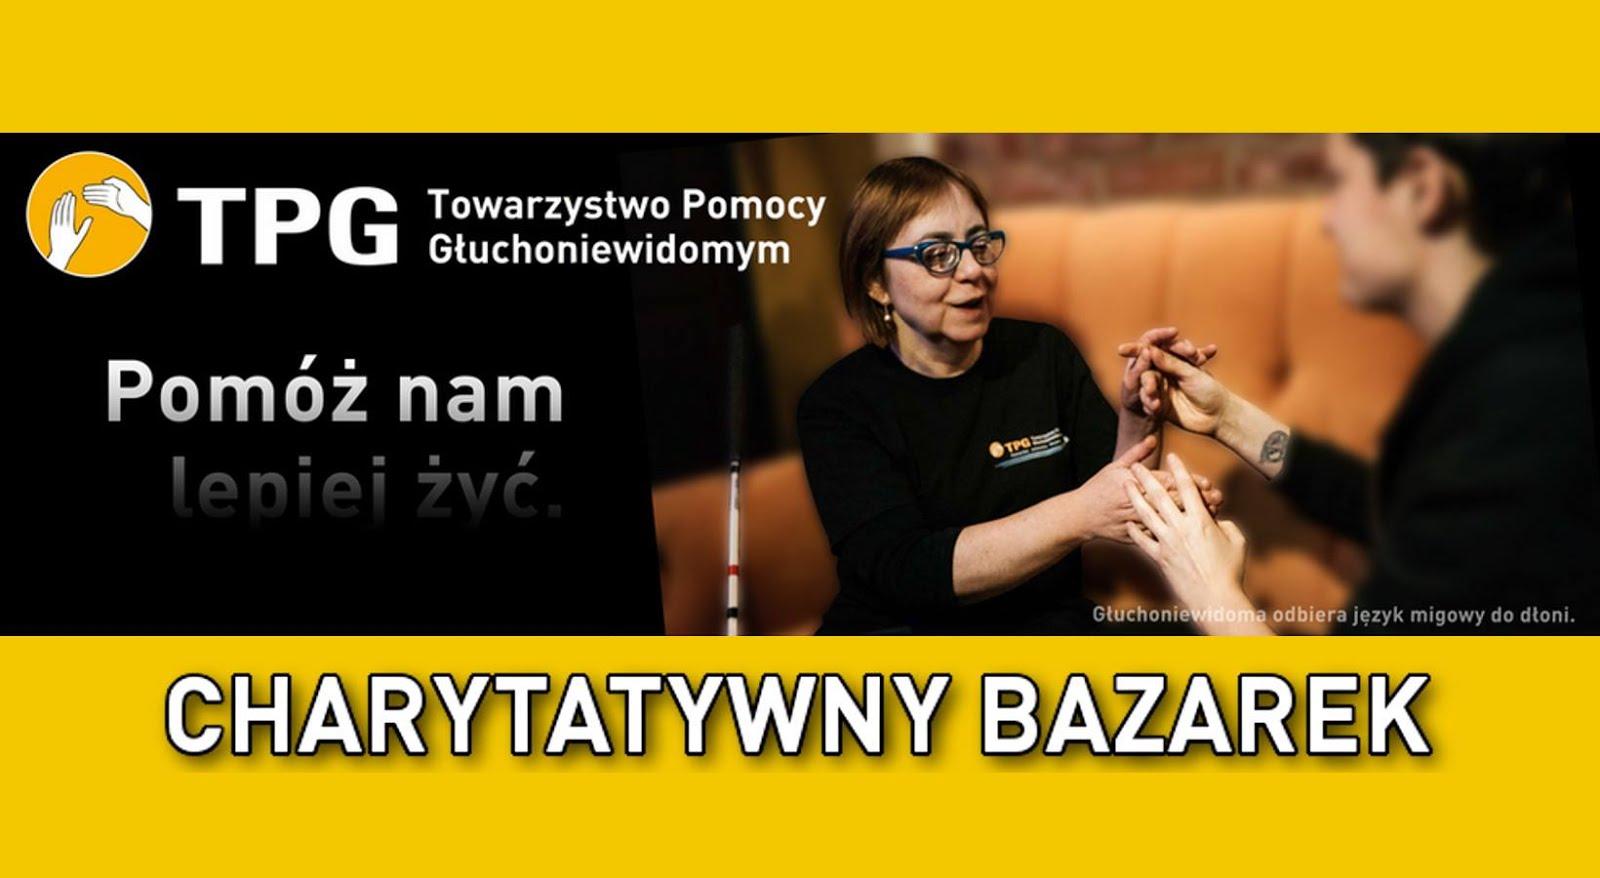 Bazarek  charytatywny